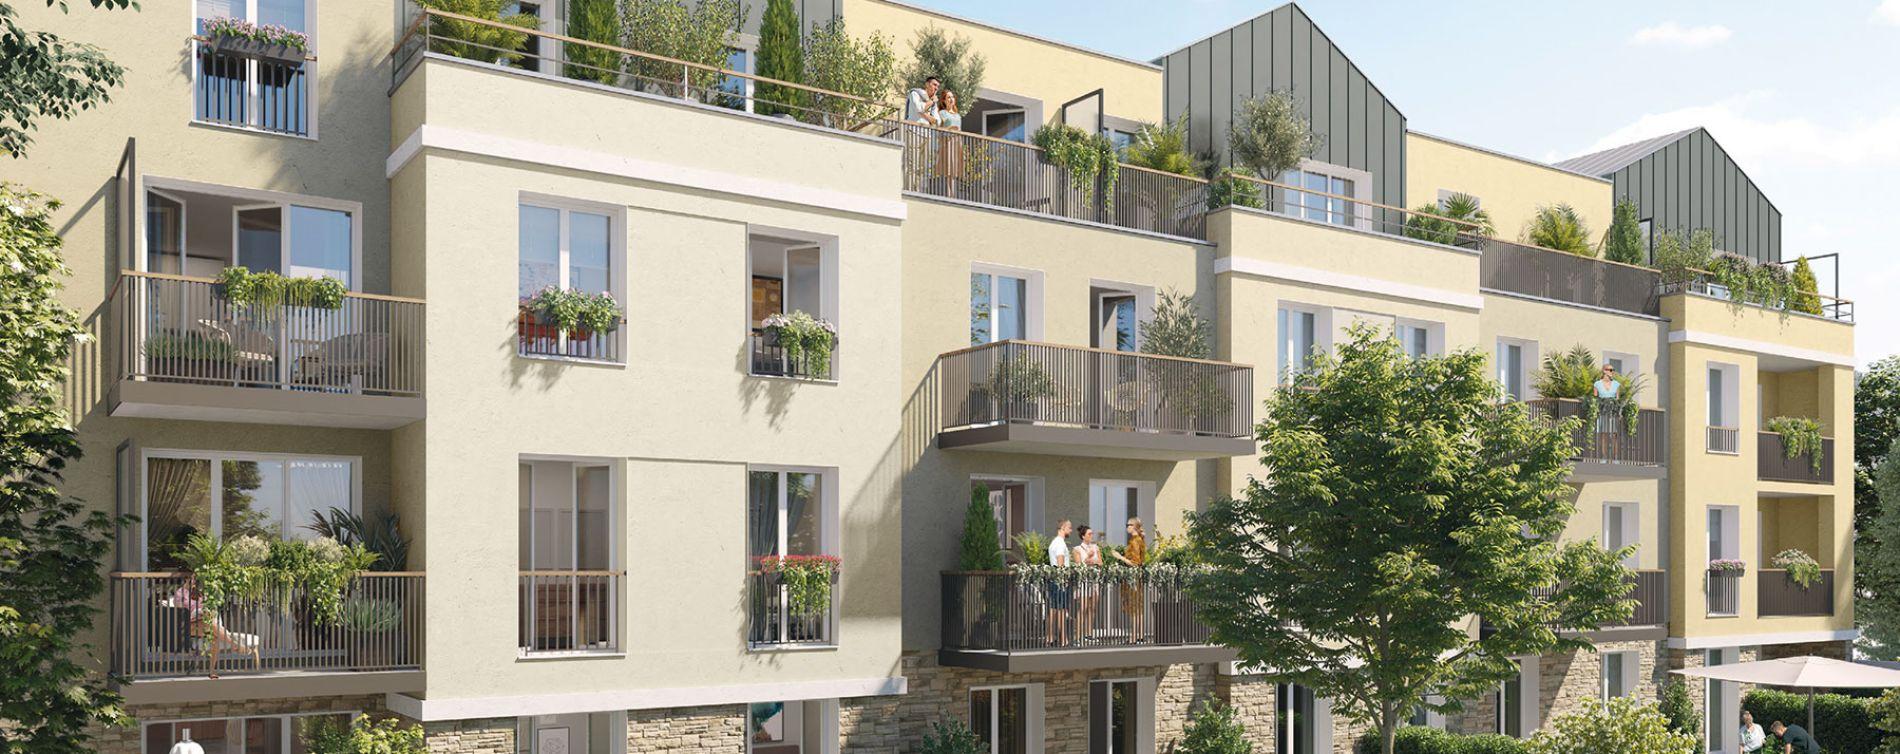 Villeneuve-le-Roi : programme immobilier neuve « Villa Normande » (2)